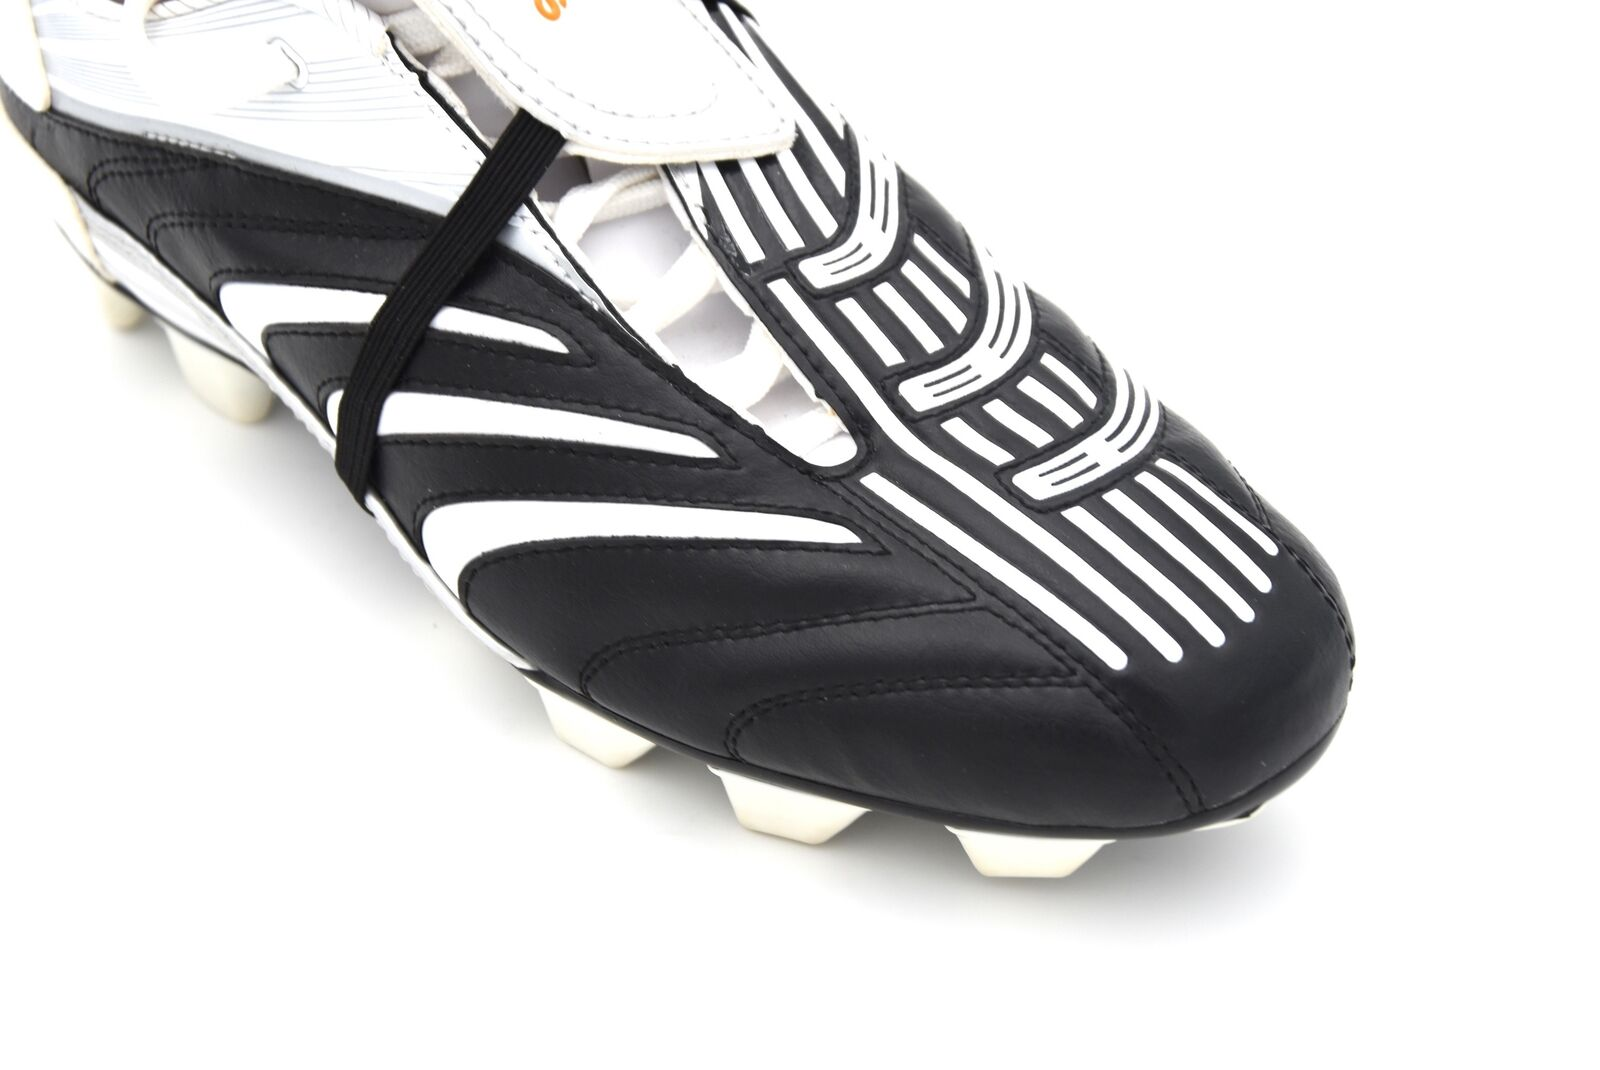 Adidas hombre zapatillas zapato tiempo de f ú tbol 670028 goma 670028 tbol absolado trx fg a453ca